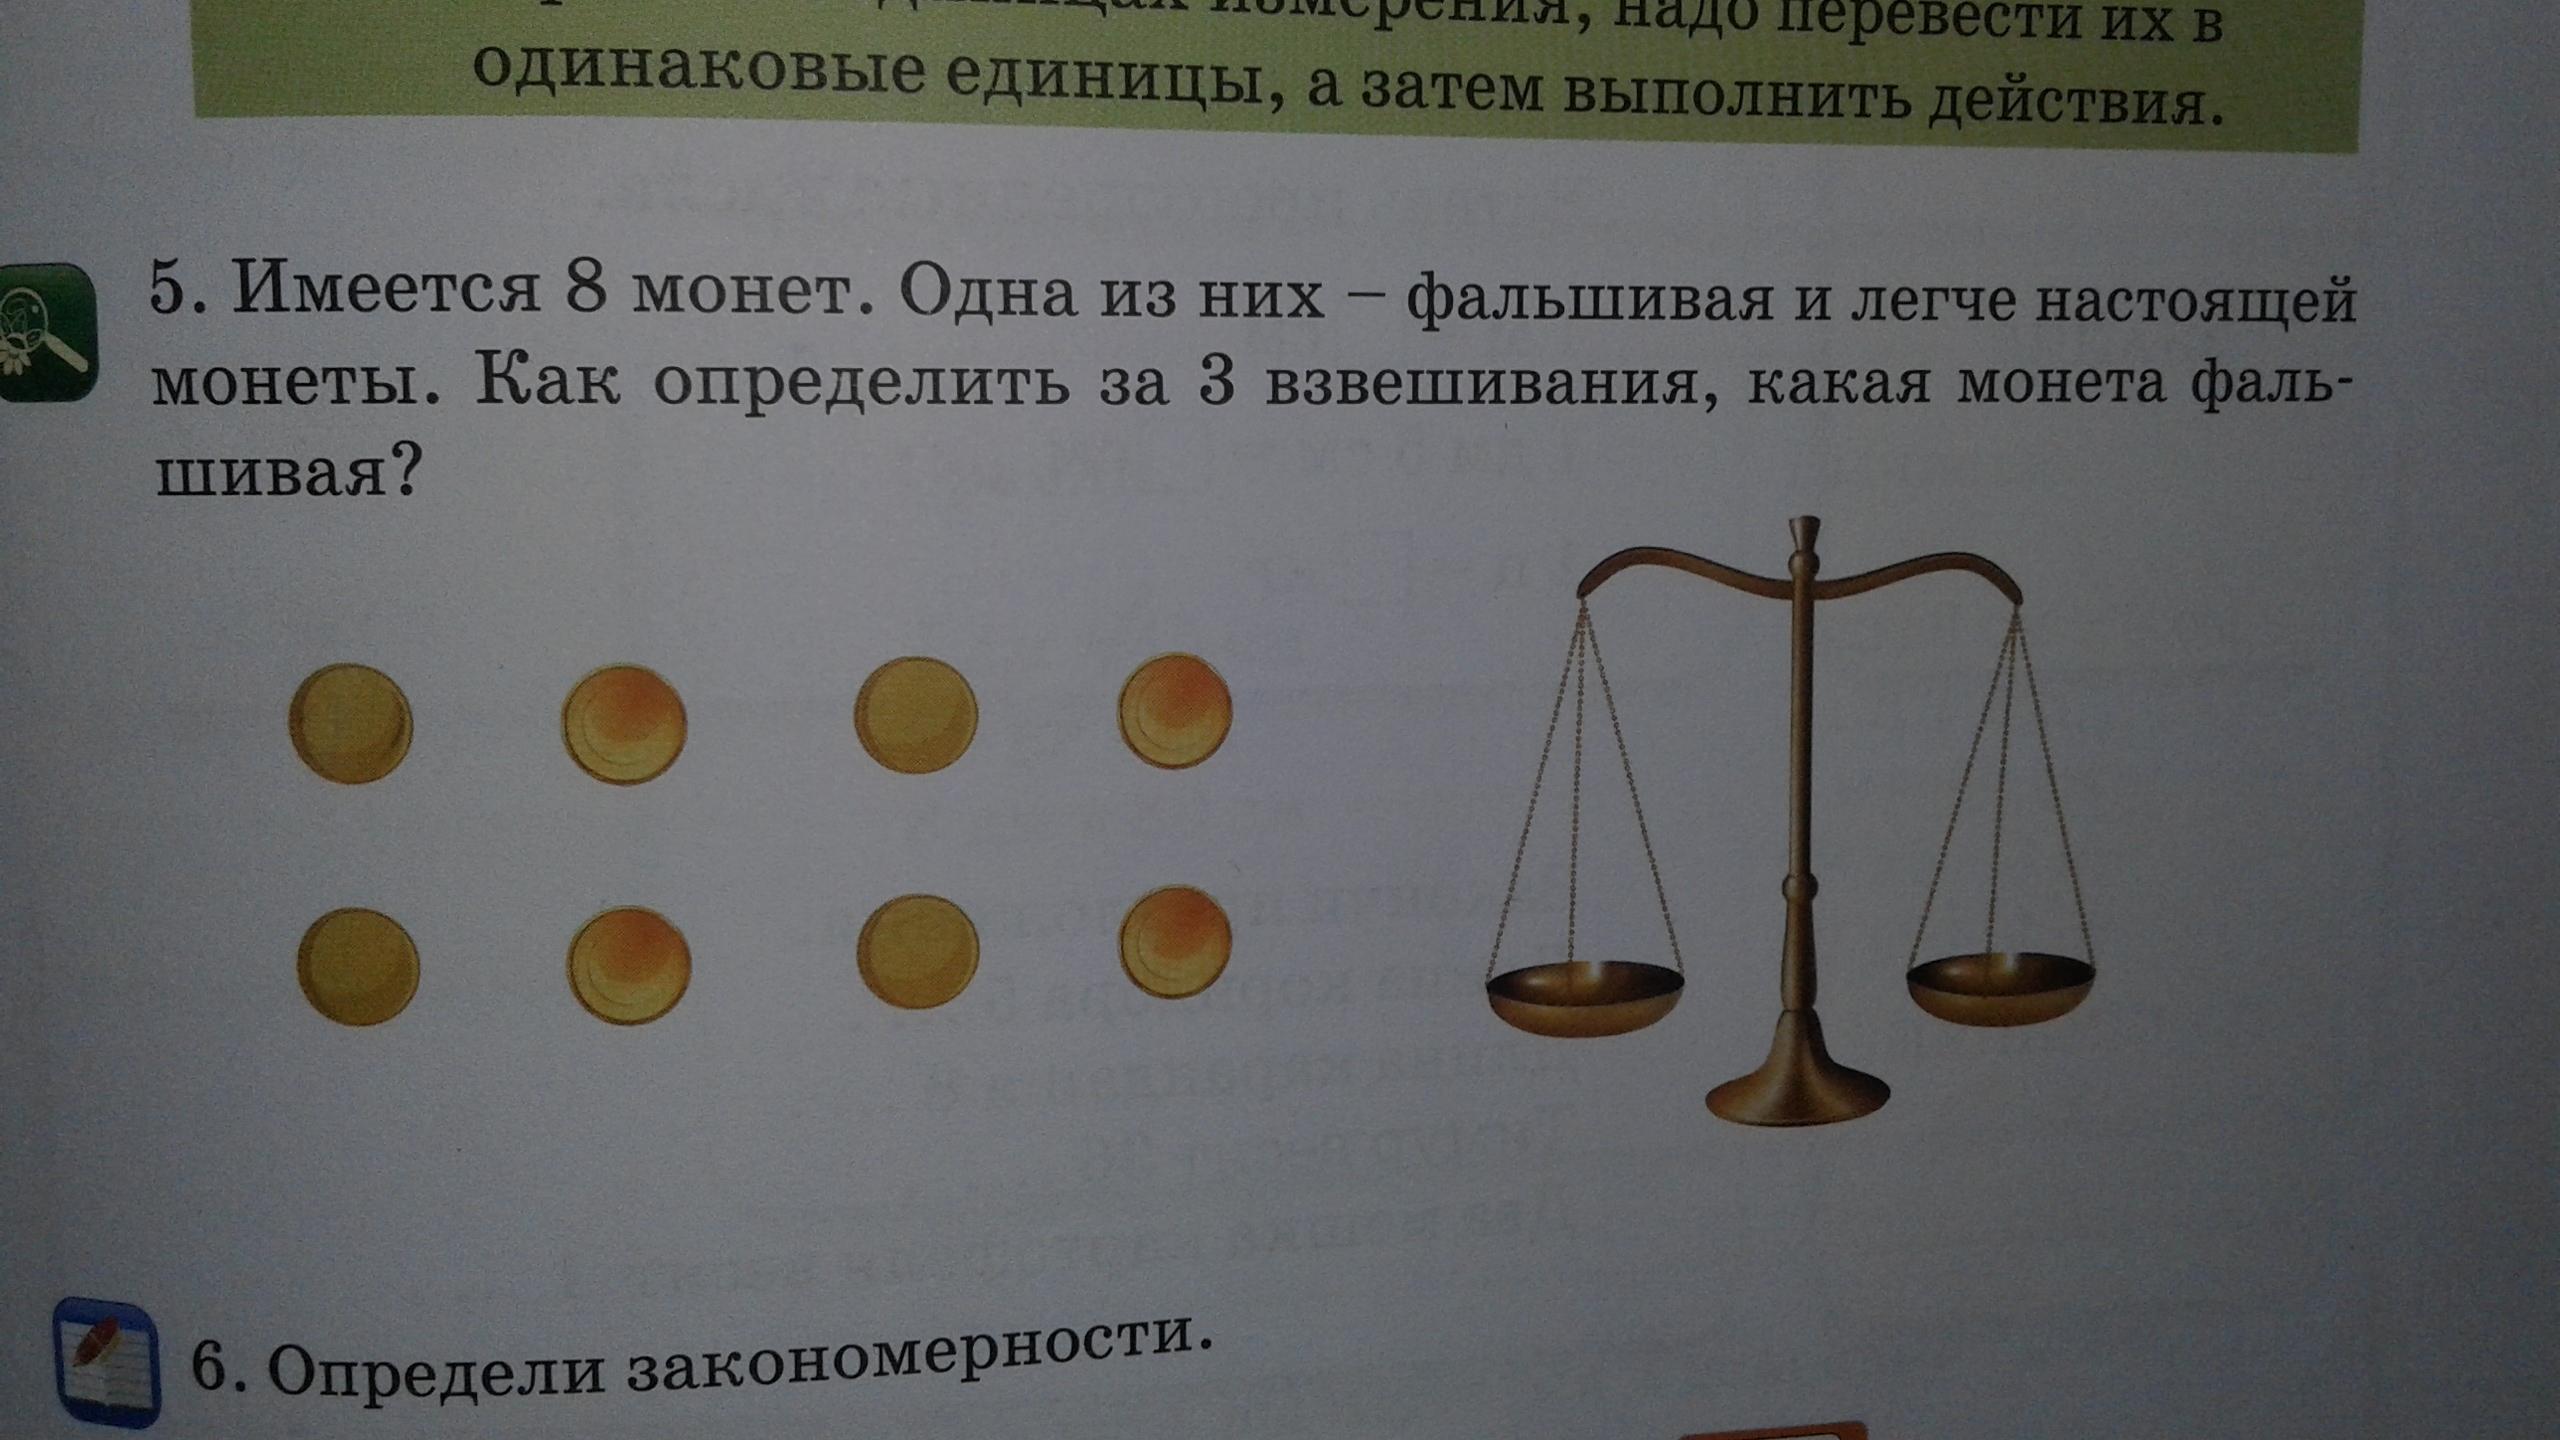 Как решить задачу с фальшивыми монетами задачи по аналитической группировке с решениями